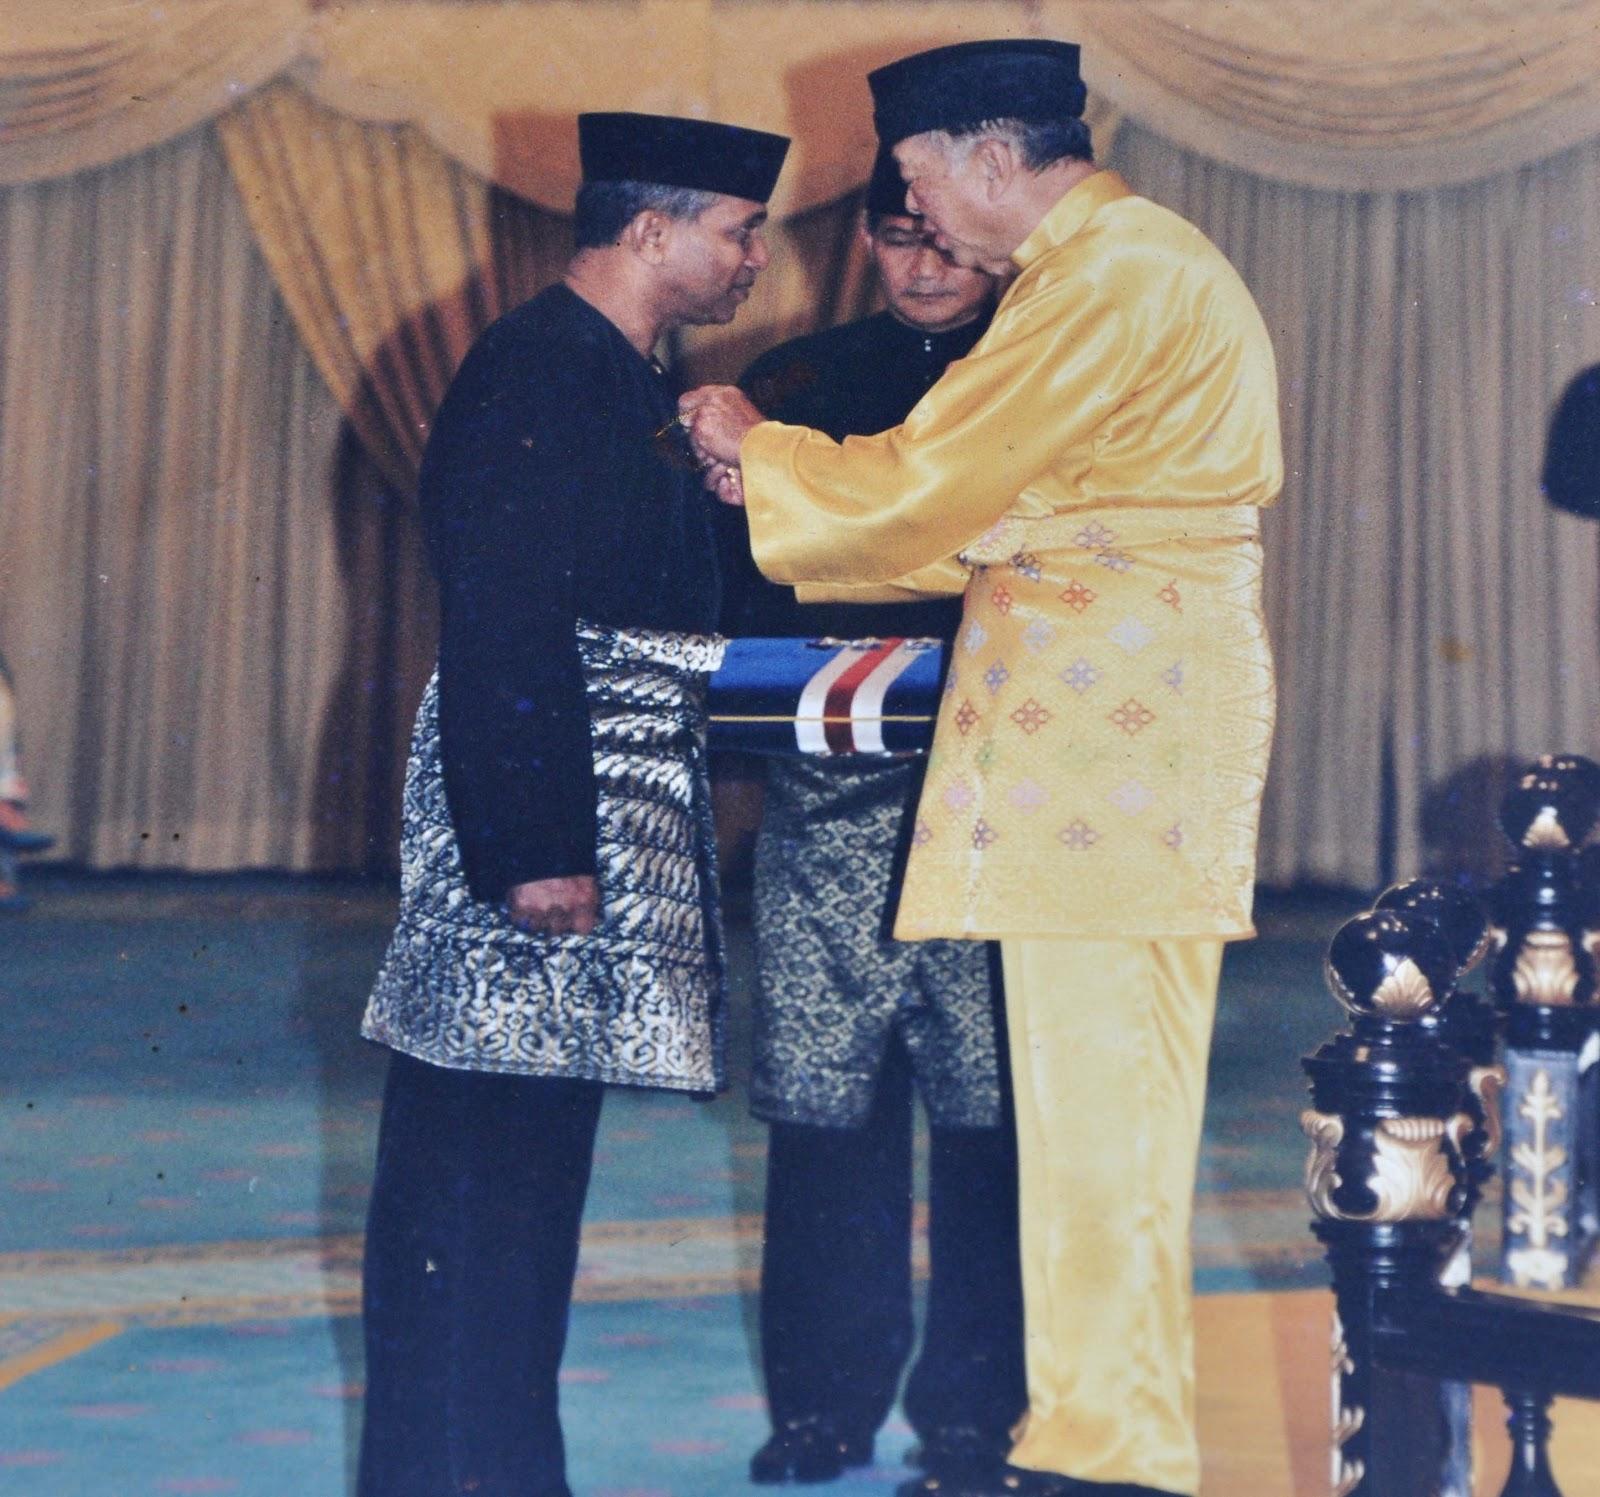 Anugerah Kerajaan Malaysia: Ahli Mangku Negara (1999)